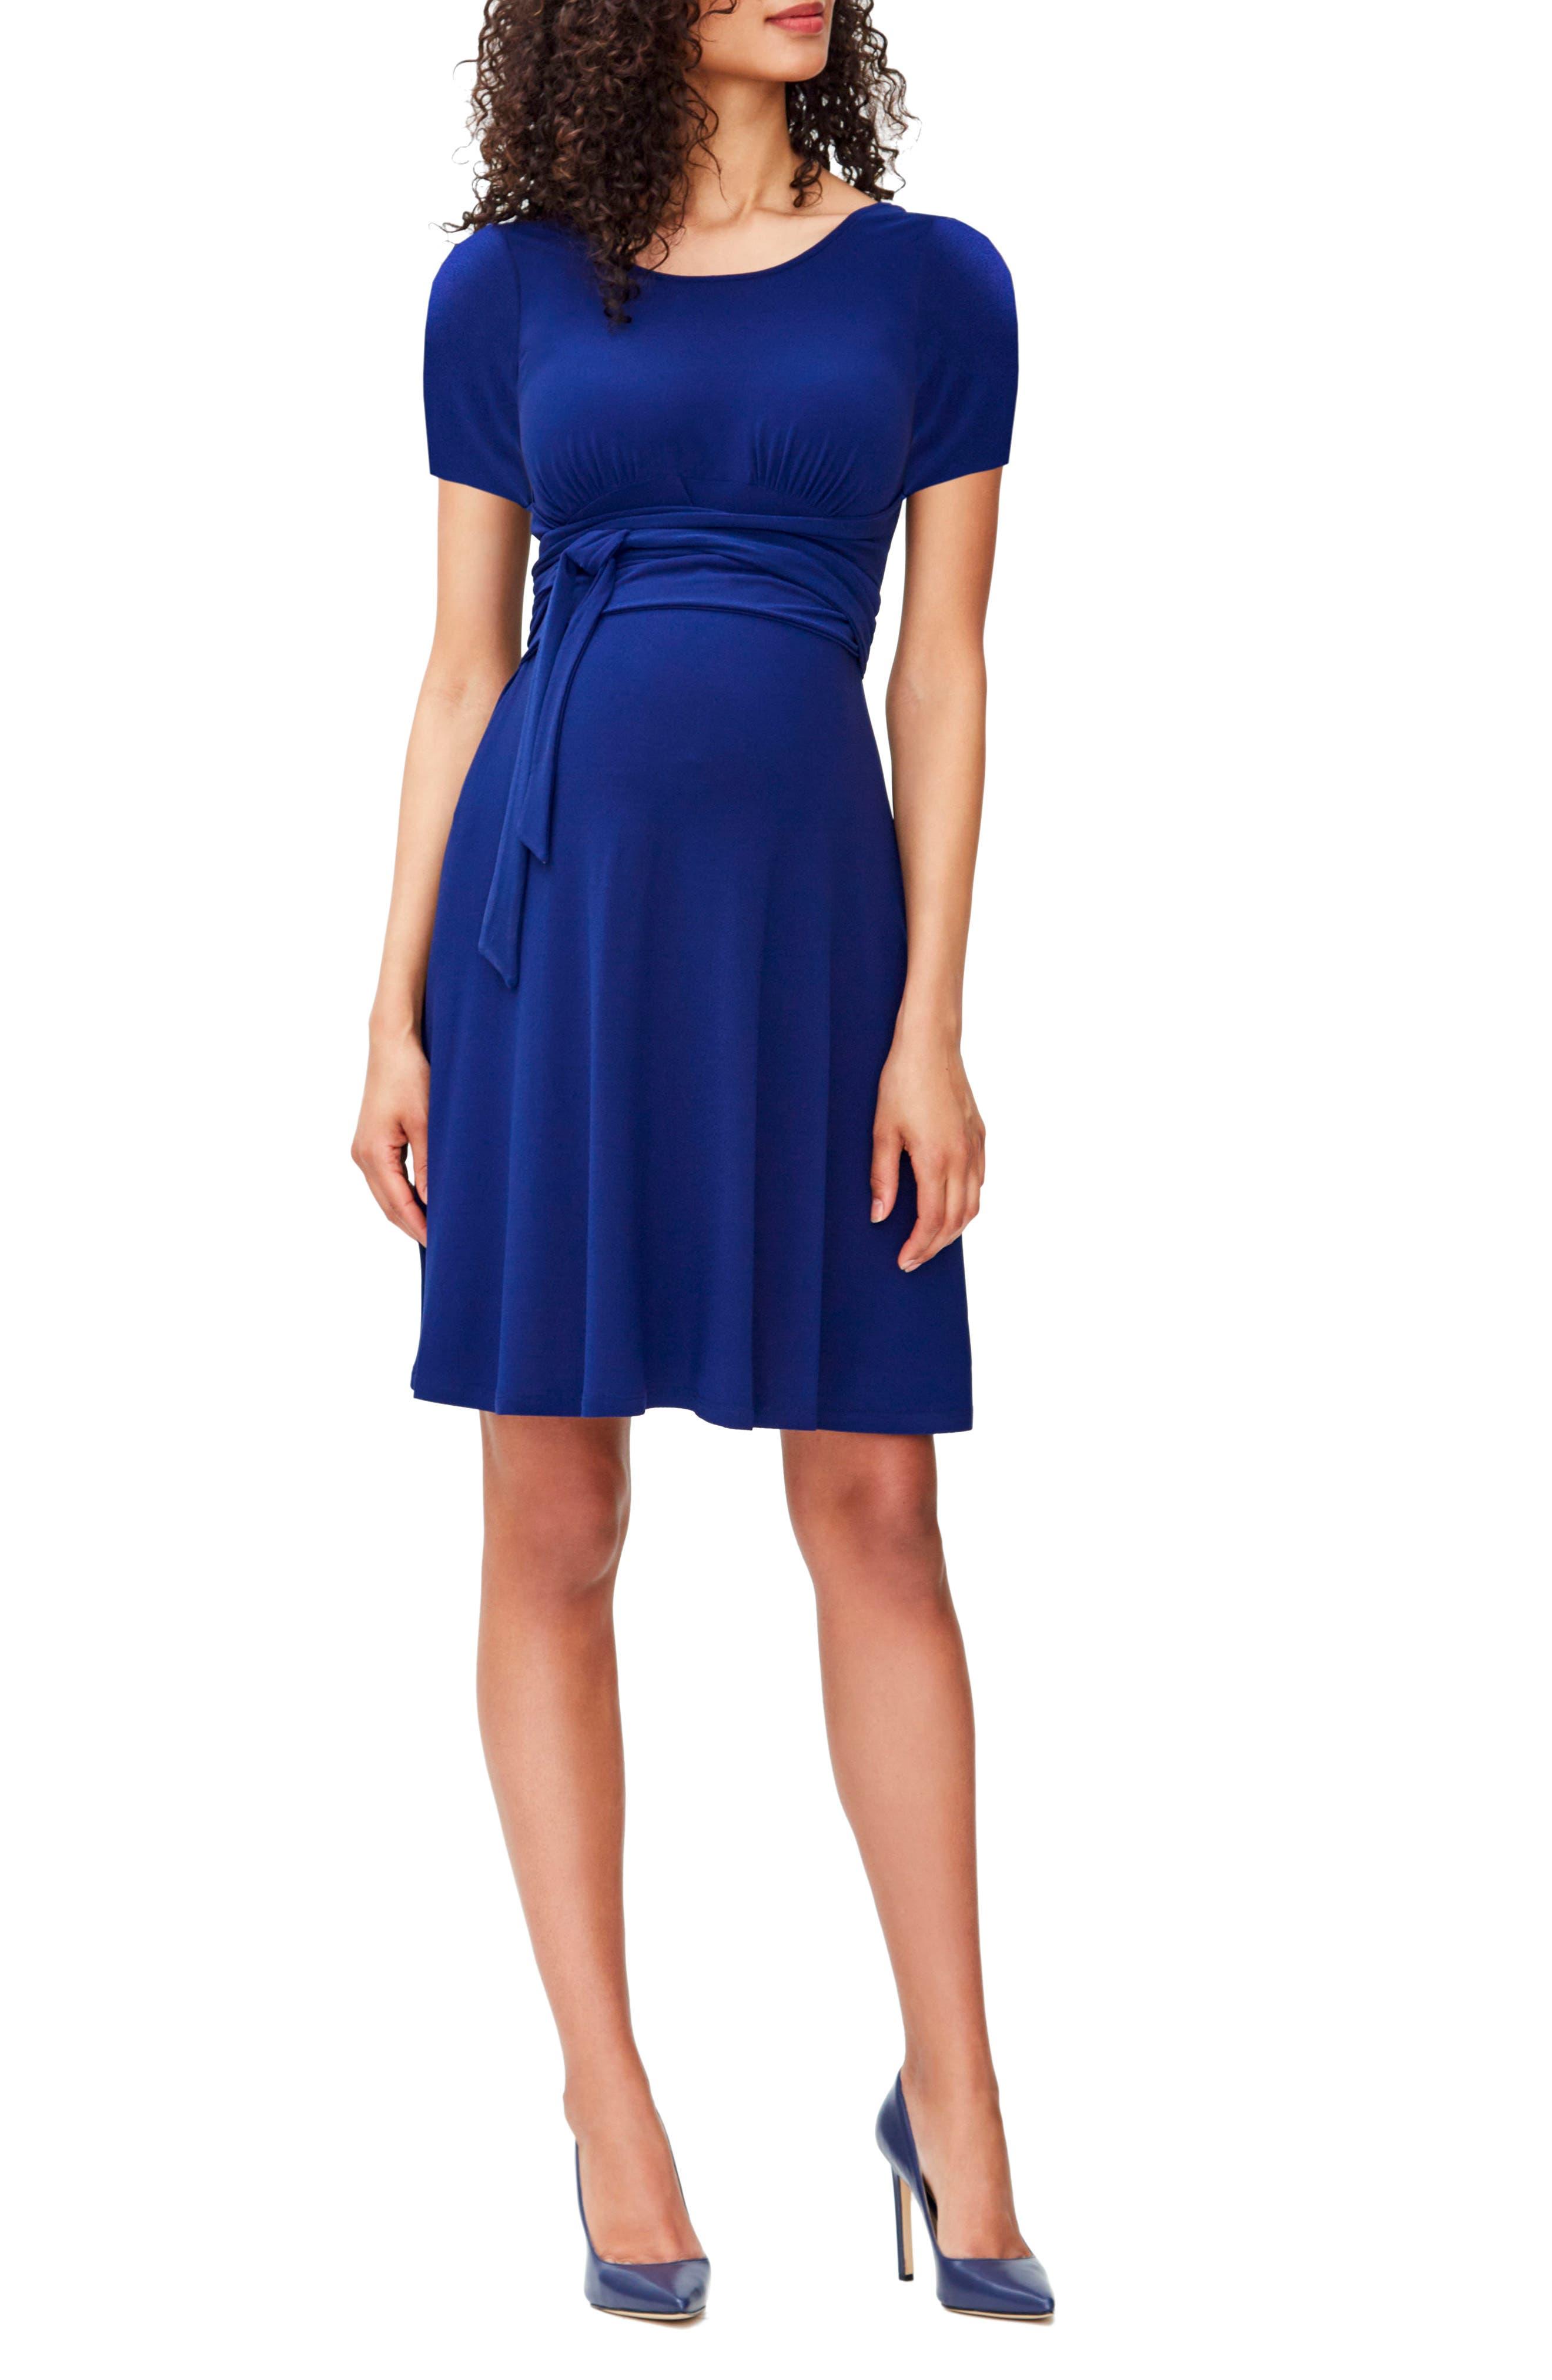 Leota Brittany Wrap Tie Maternity Dress